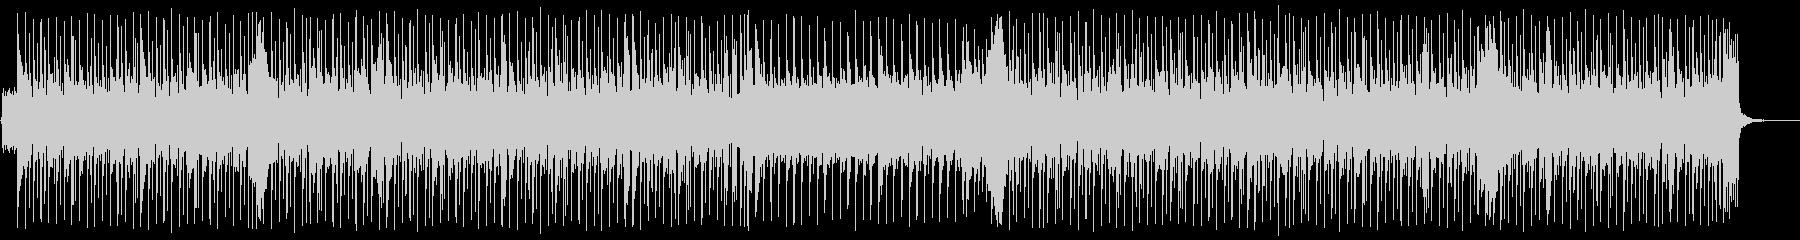 四つ打ちの怪しいイメージの未再生の波形